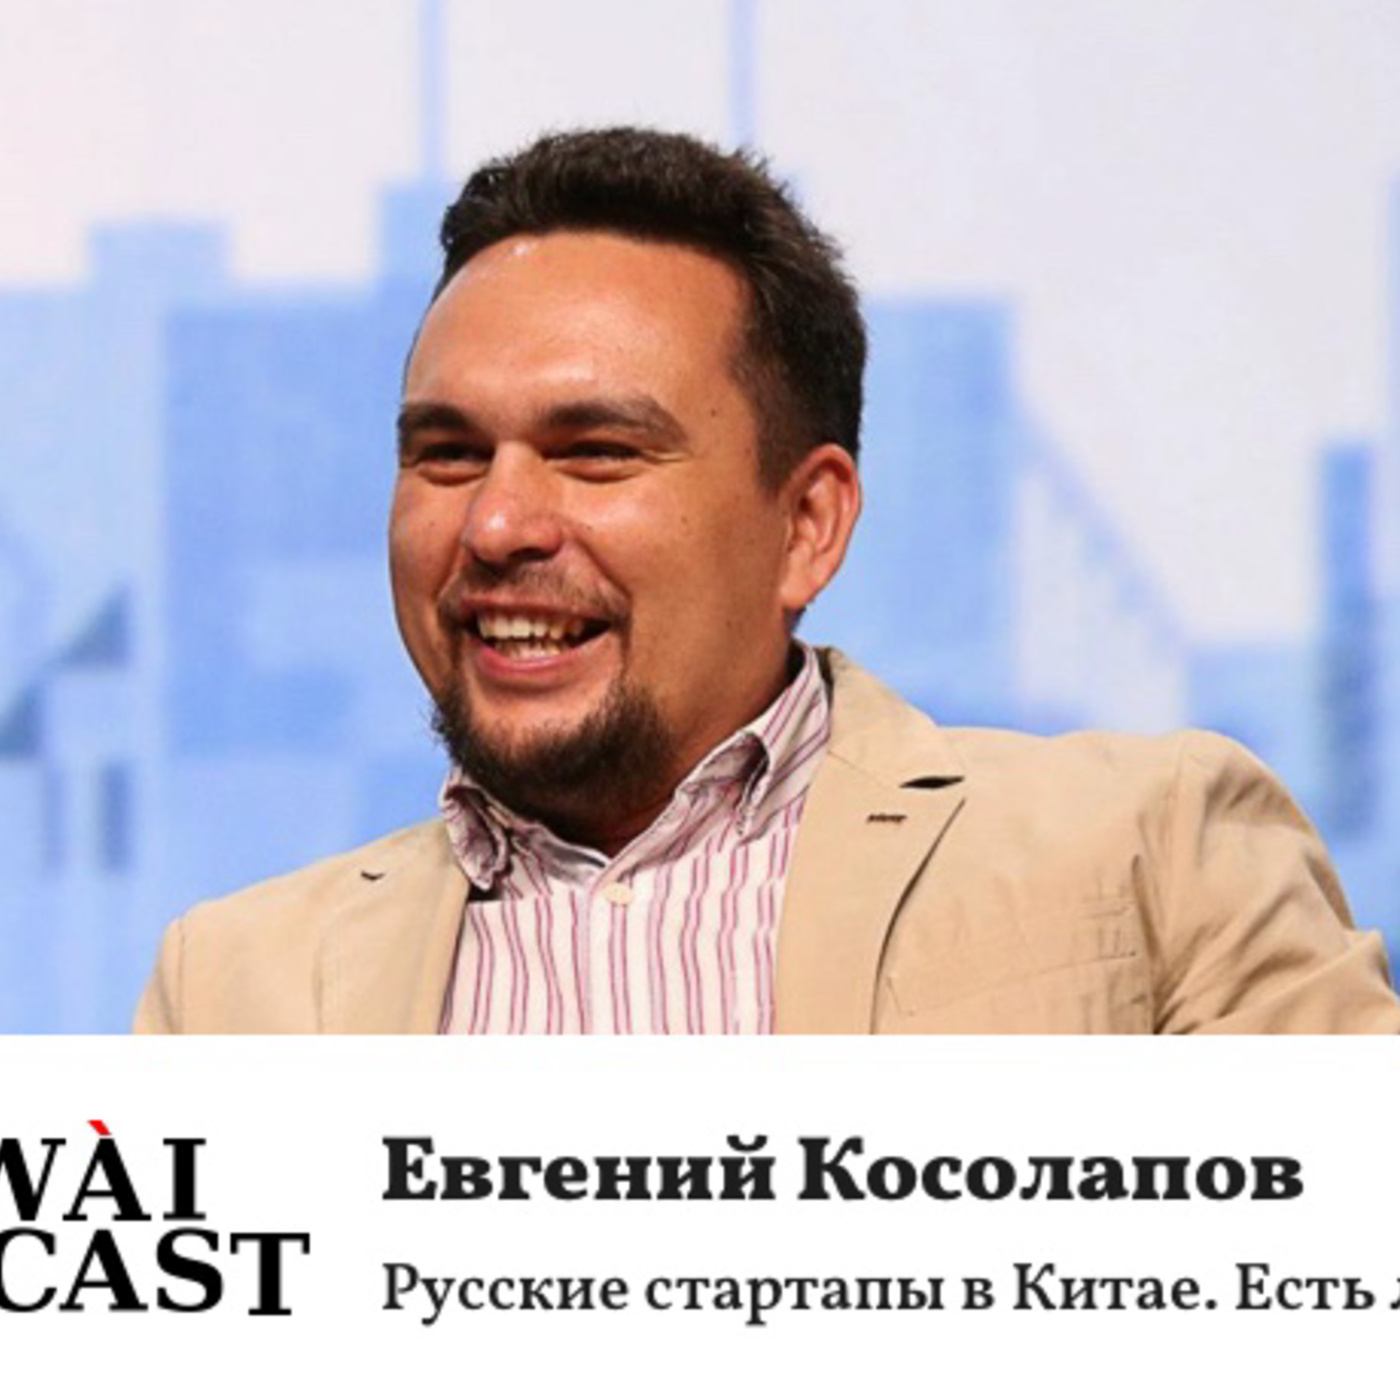 Евгений Косолапов о русских стартапах в Китае и успехах на китайском рынке